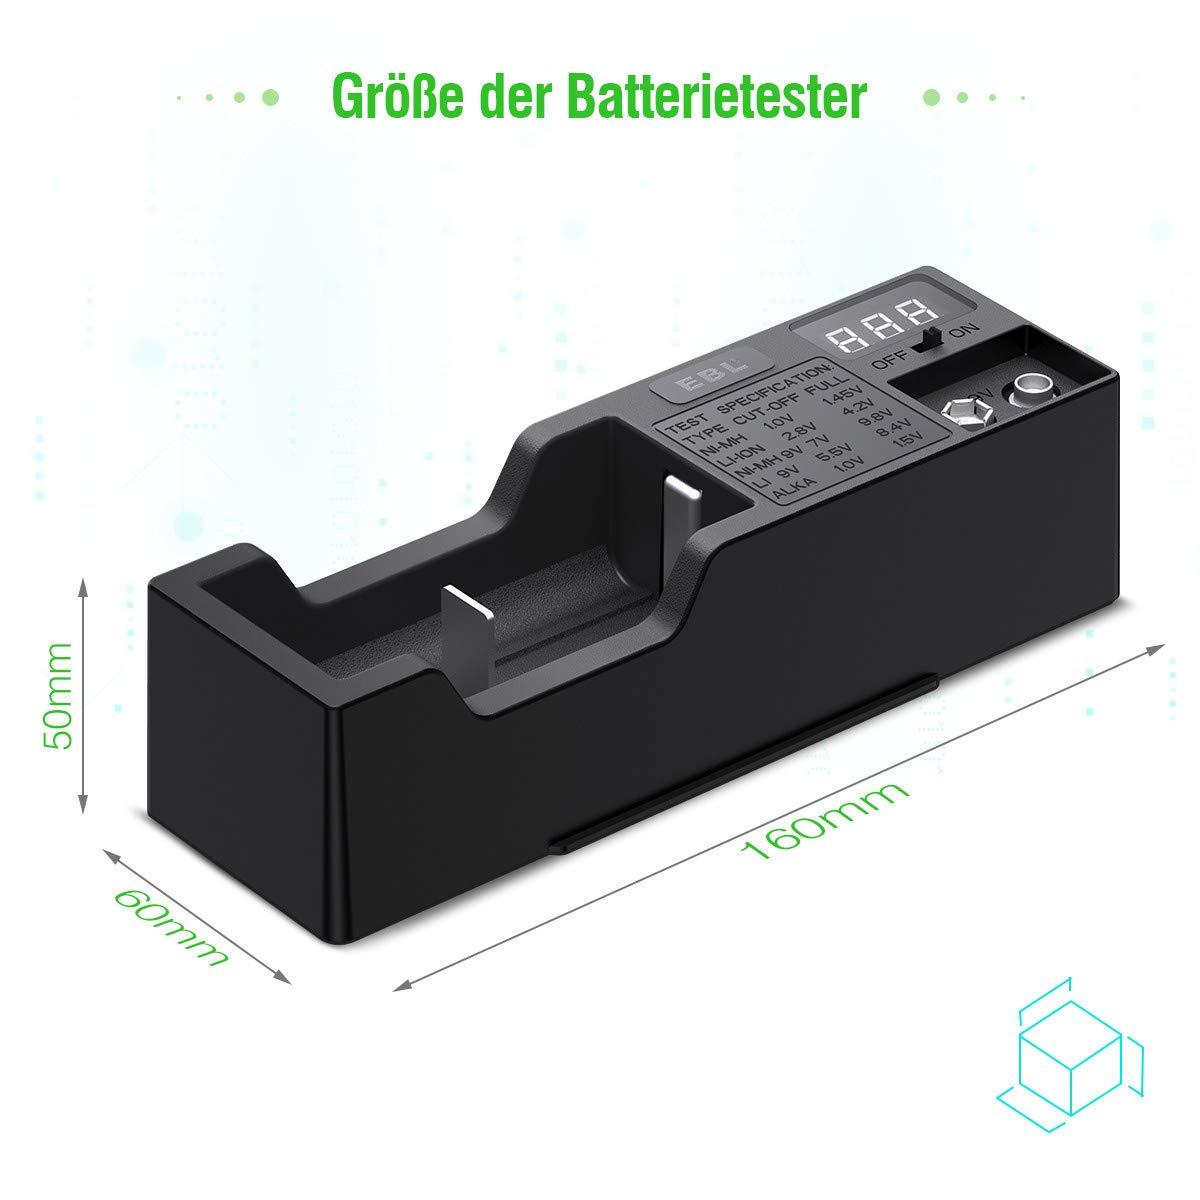 EBL Batterien Tester Universal Batterieprüfergerät für AA AAA NI-MH C D LI-ION 18650 14500 18500 10440 NI-MH 9V LI 9V Batterie testgerät mit LCD-Anzeige Akku Testgerät für Spannung